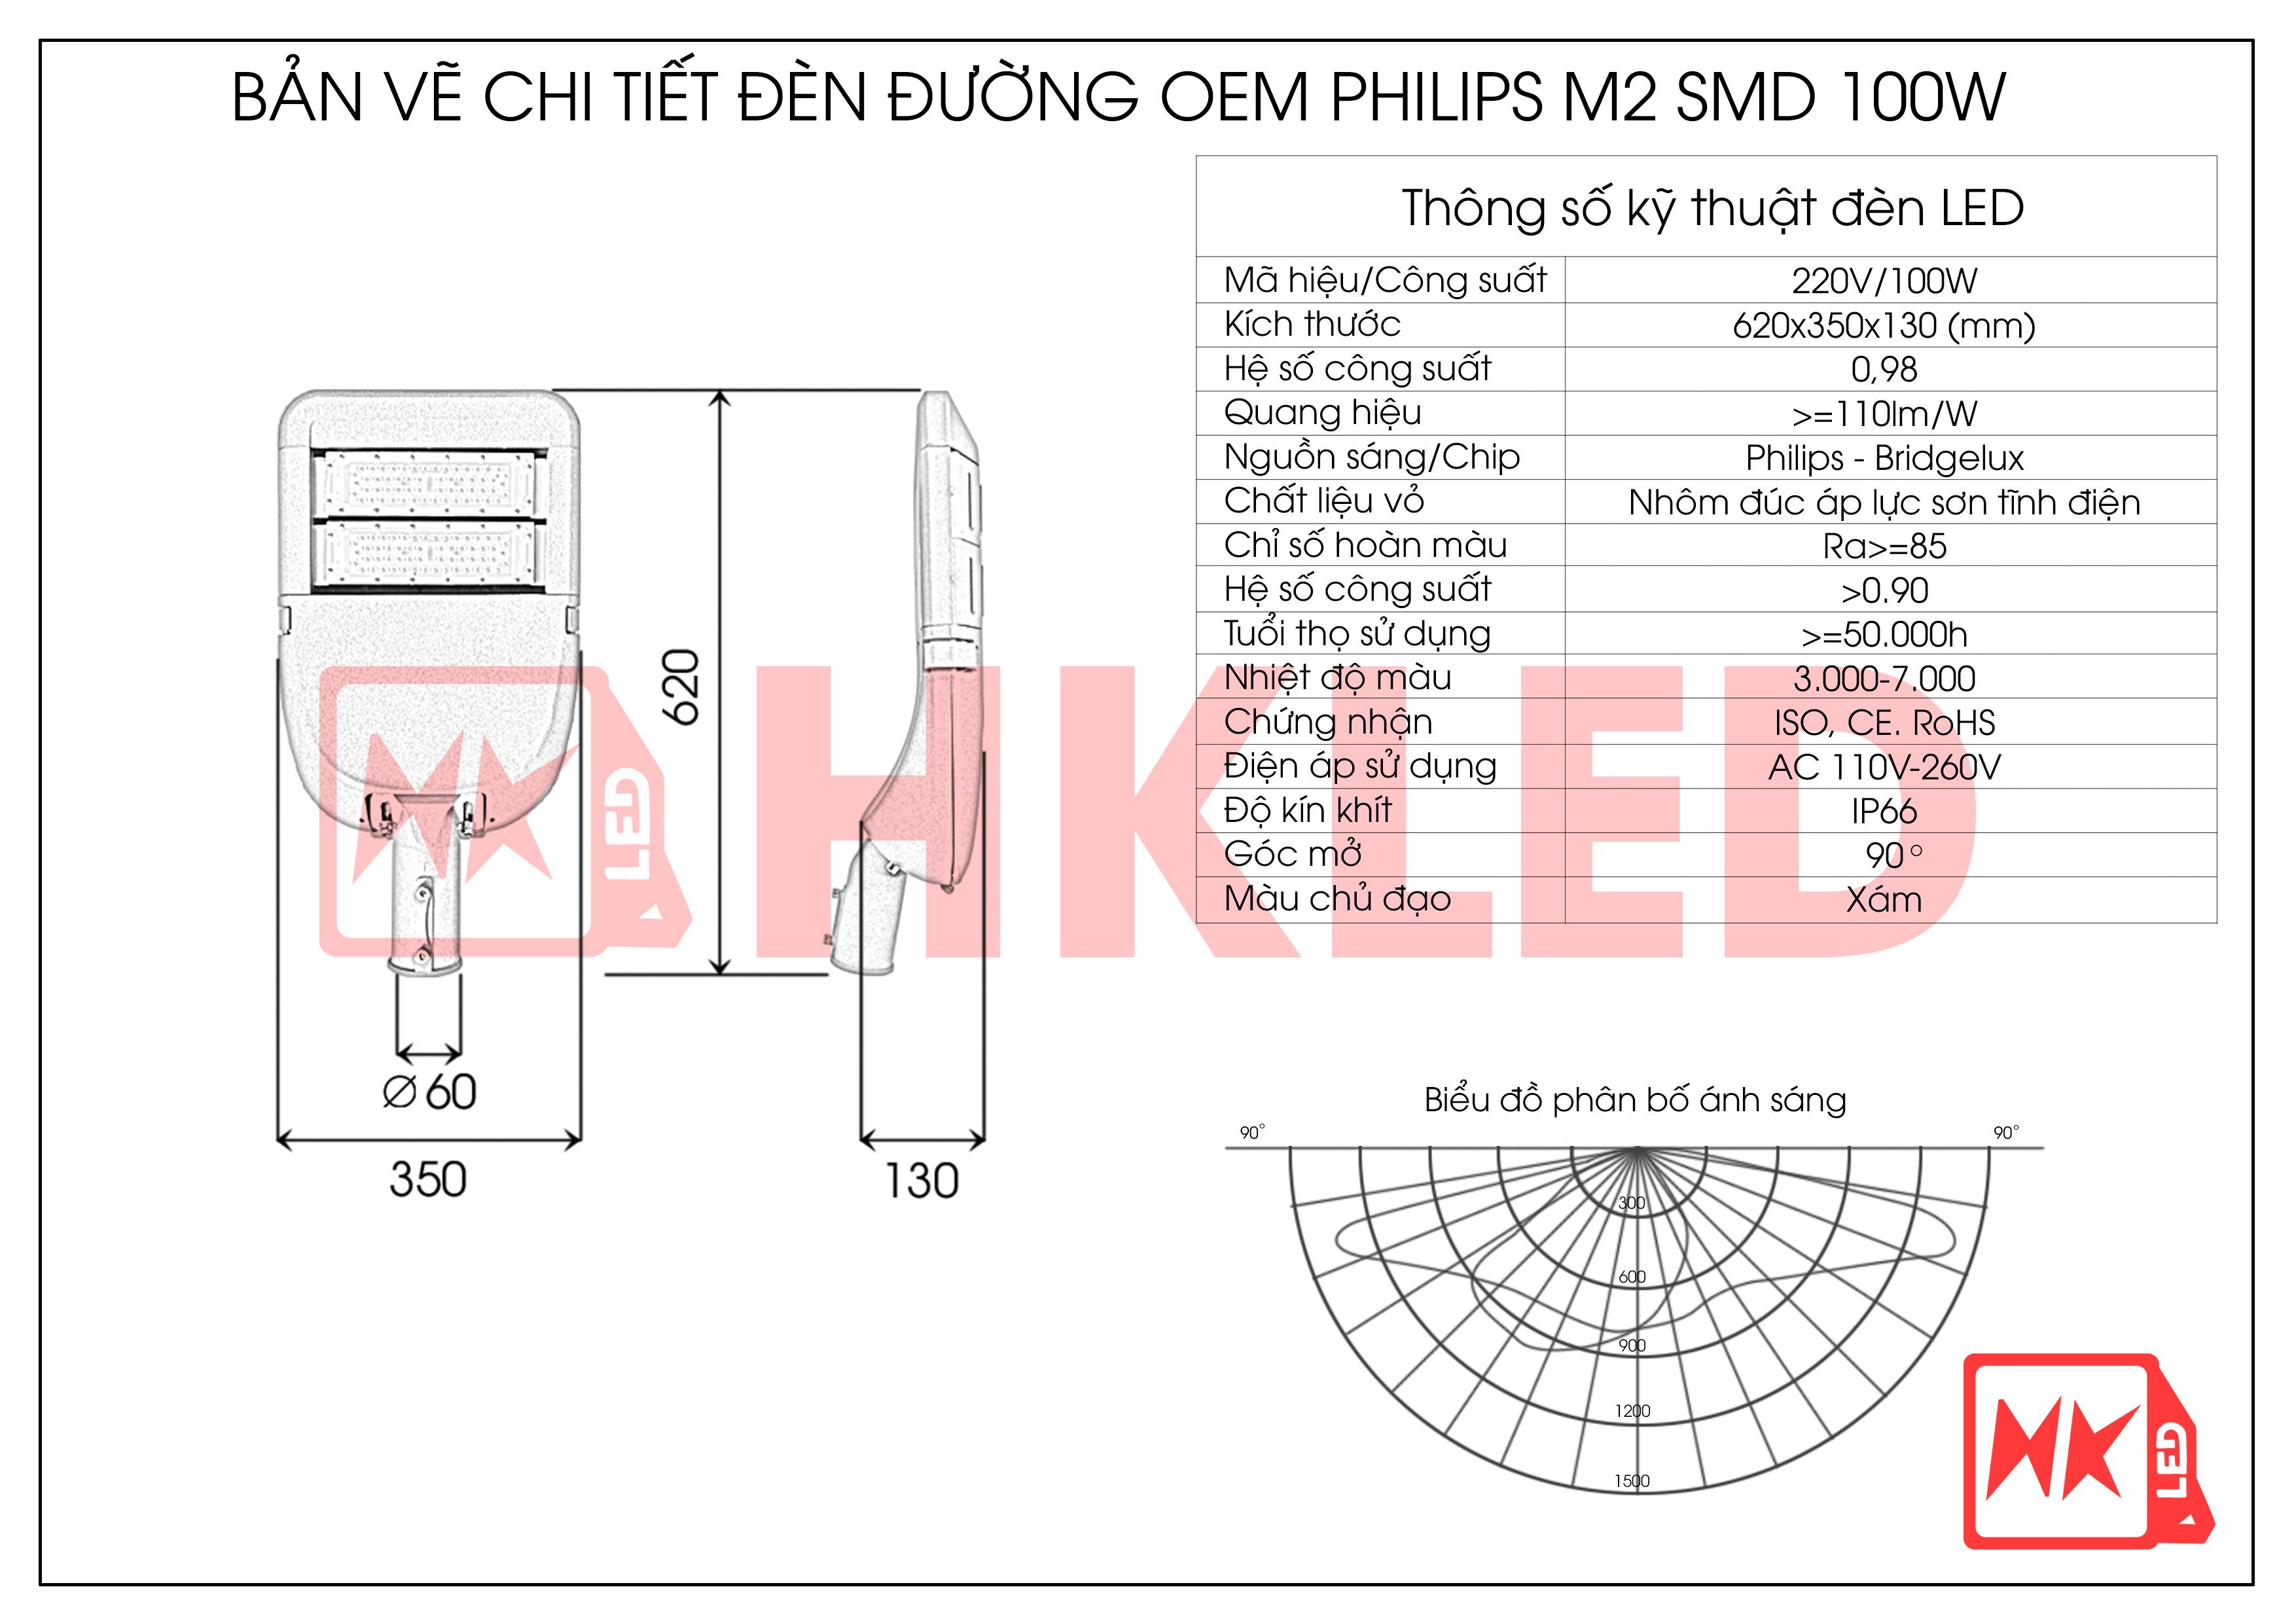 HKLED - Đèn đường phố OEM Philips Module M2 Driver DONE công suất 100W - DDM02M100